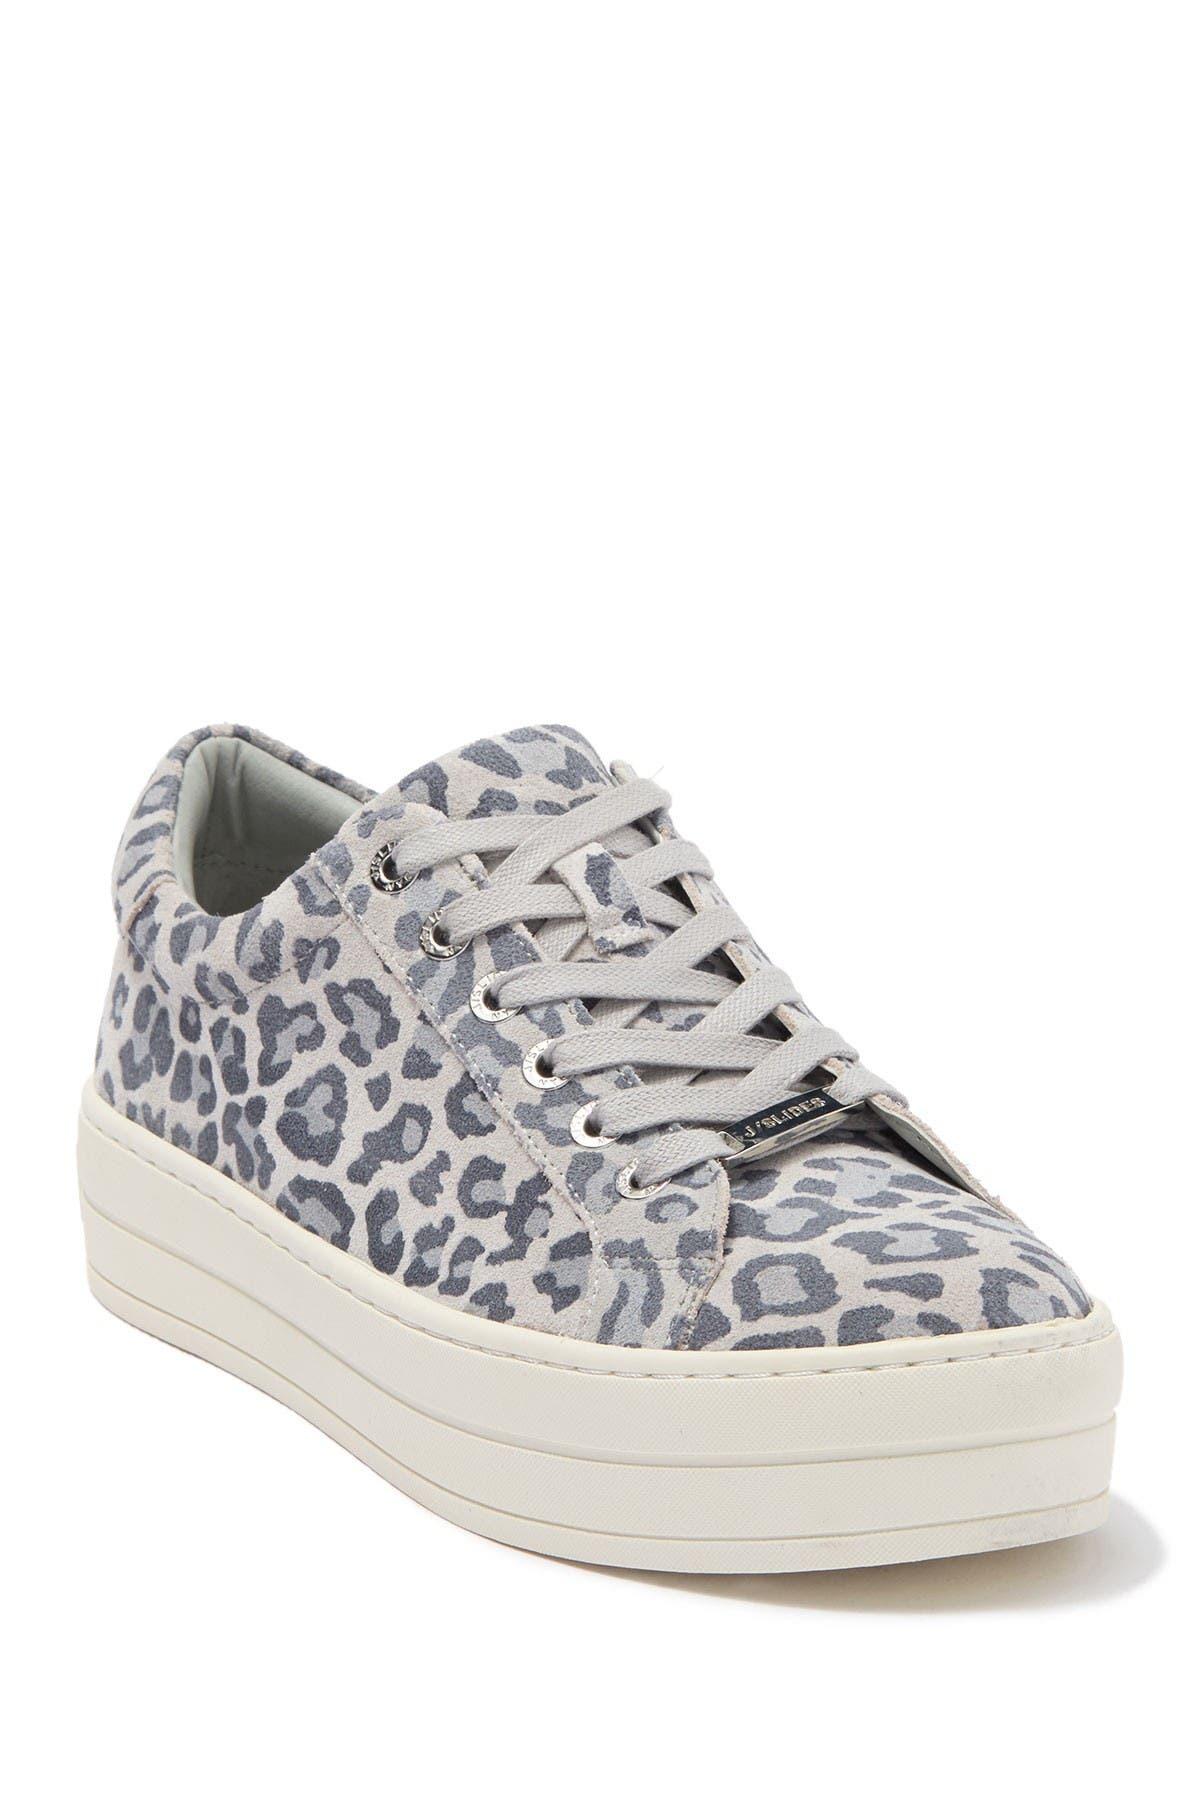 J/Slides   Hilton Platform Sneaker